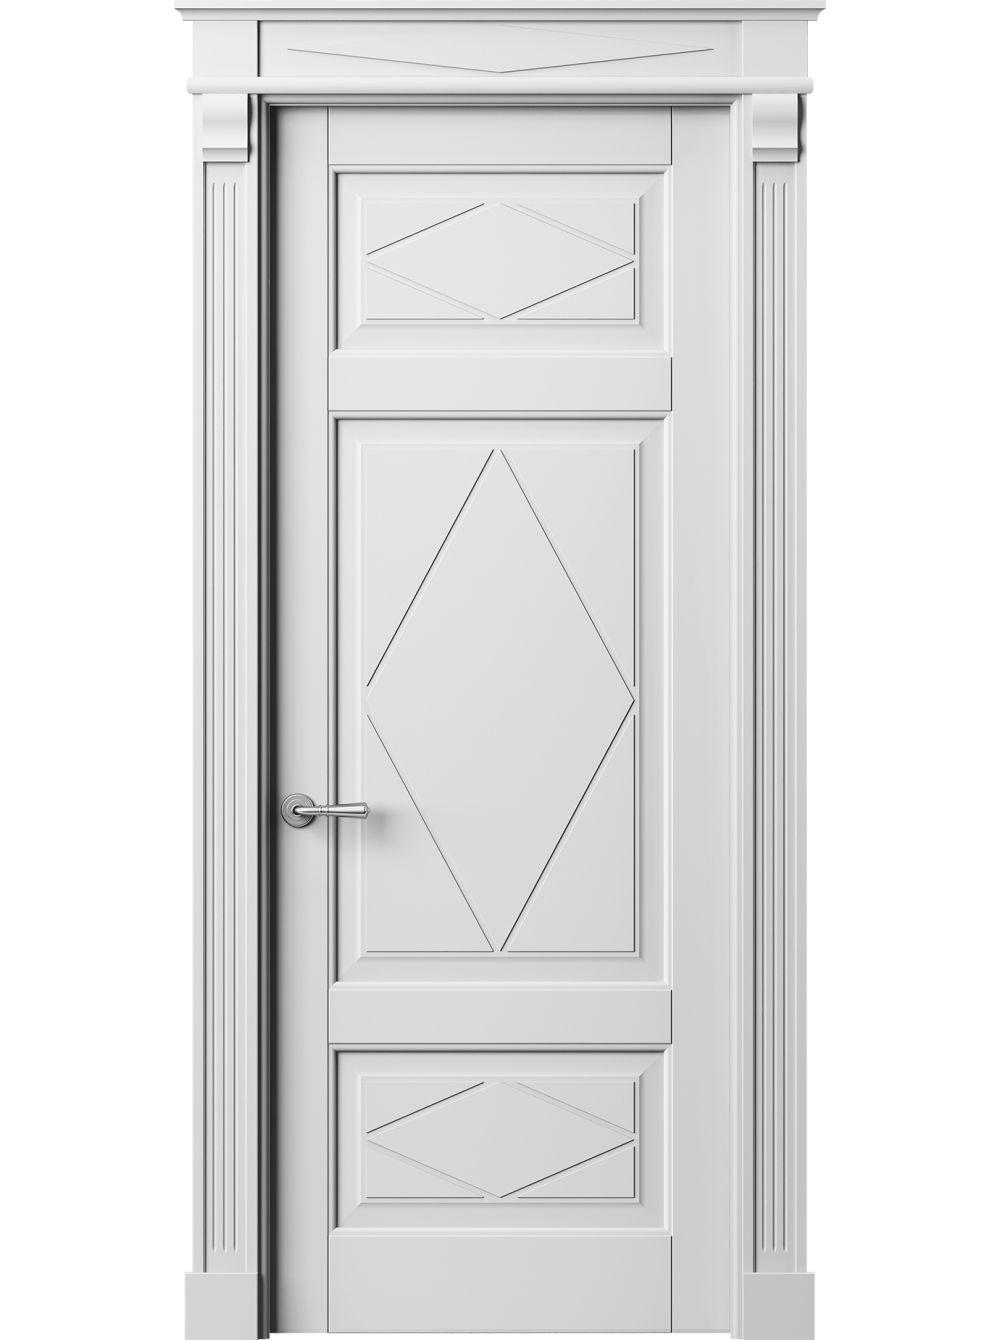 Sarto Toscana Rombo 6347 Interior Door Beech Snow White Doors Interior Interior Barn Doors Discount Interior Doors